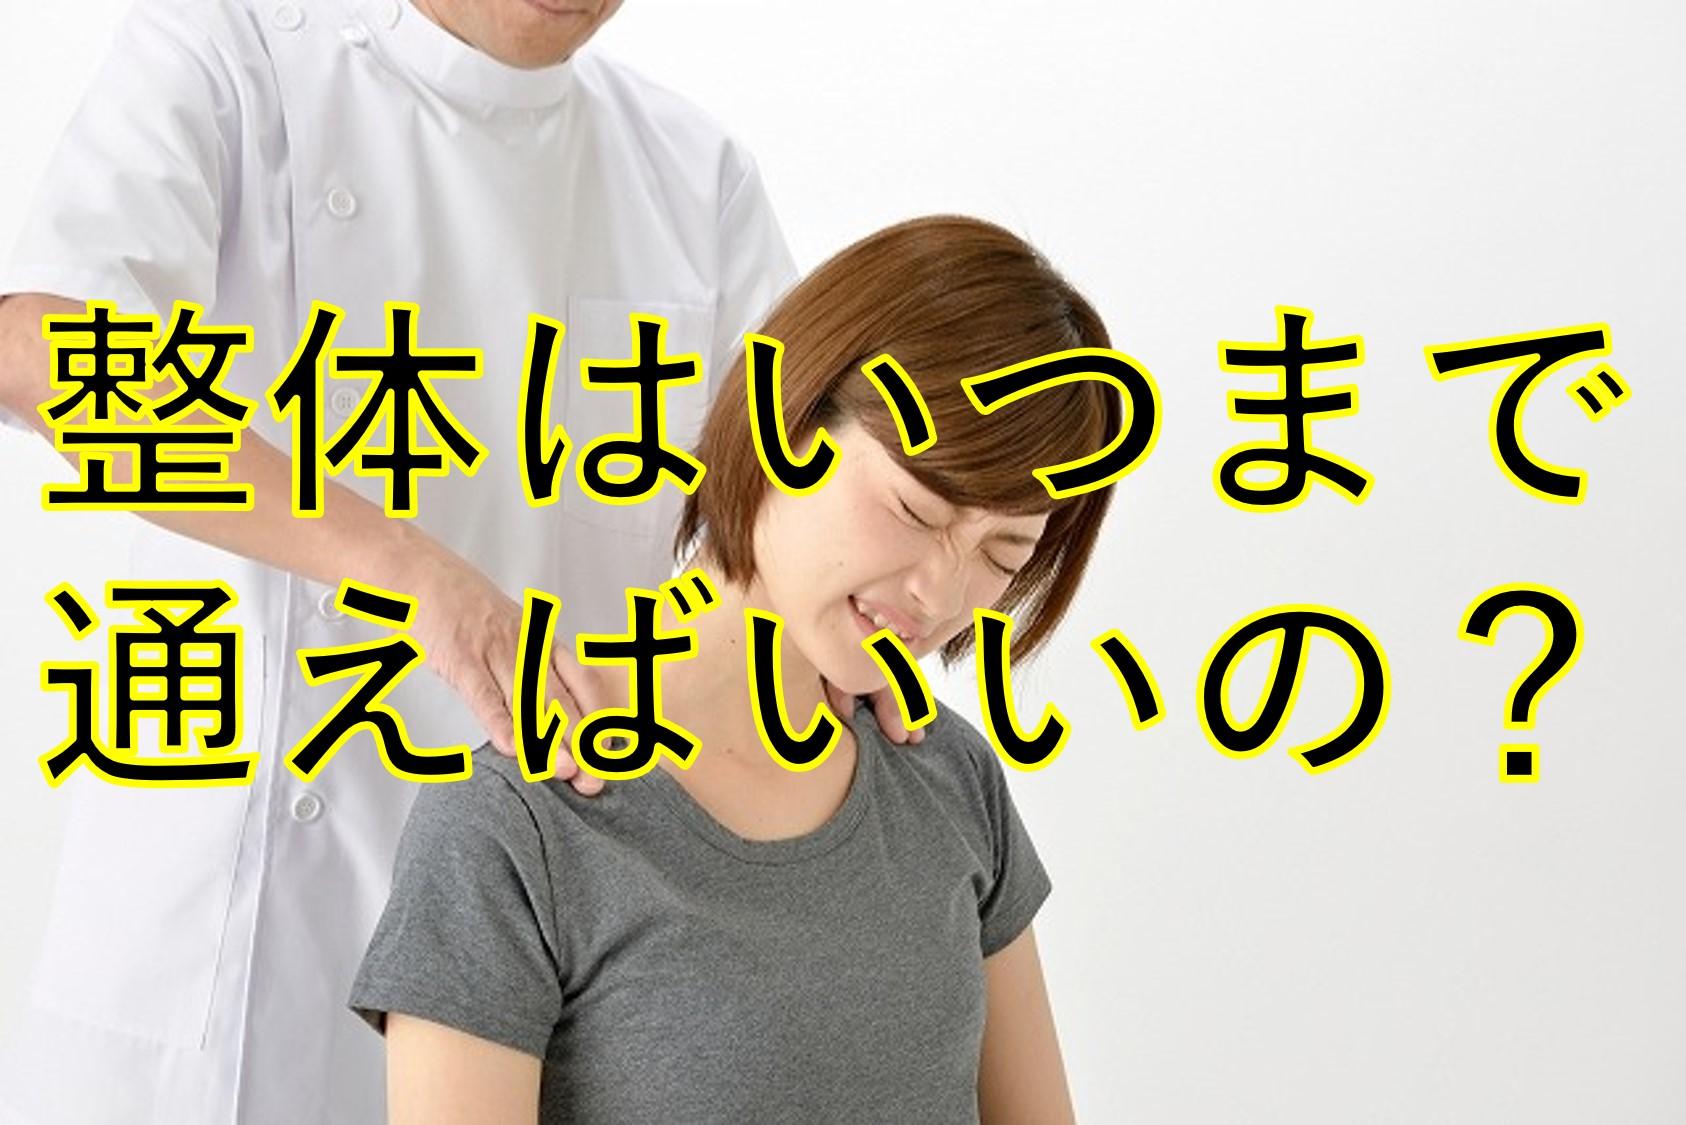 整体師に肩を押さえられ痛がる女性